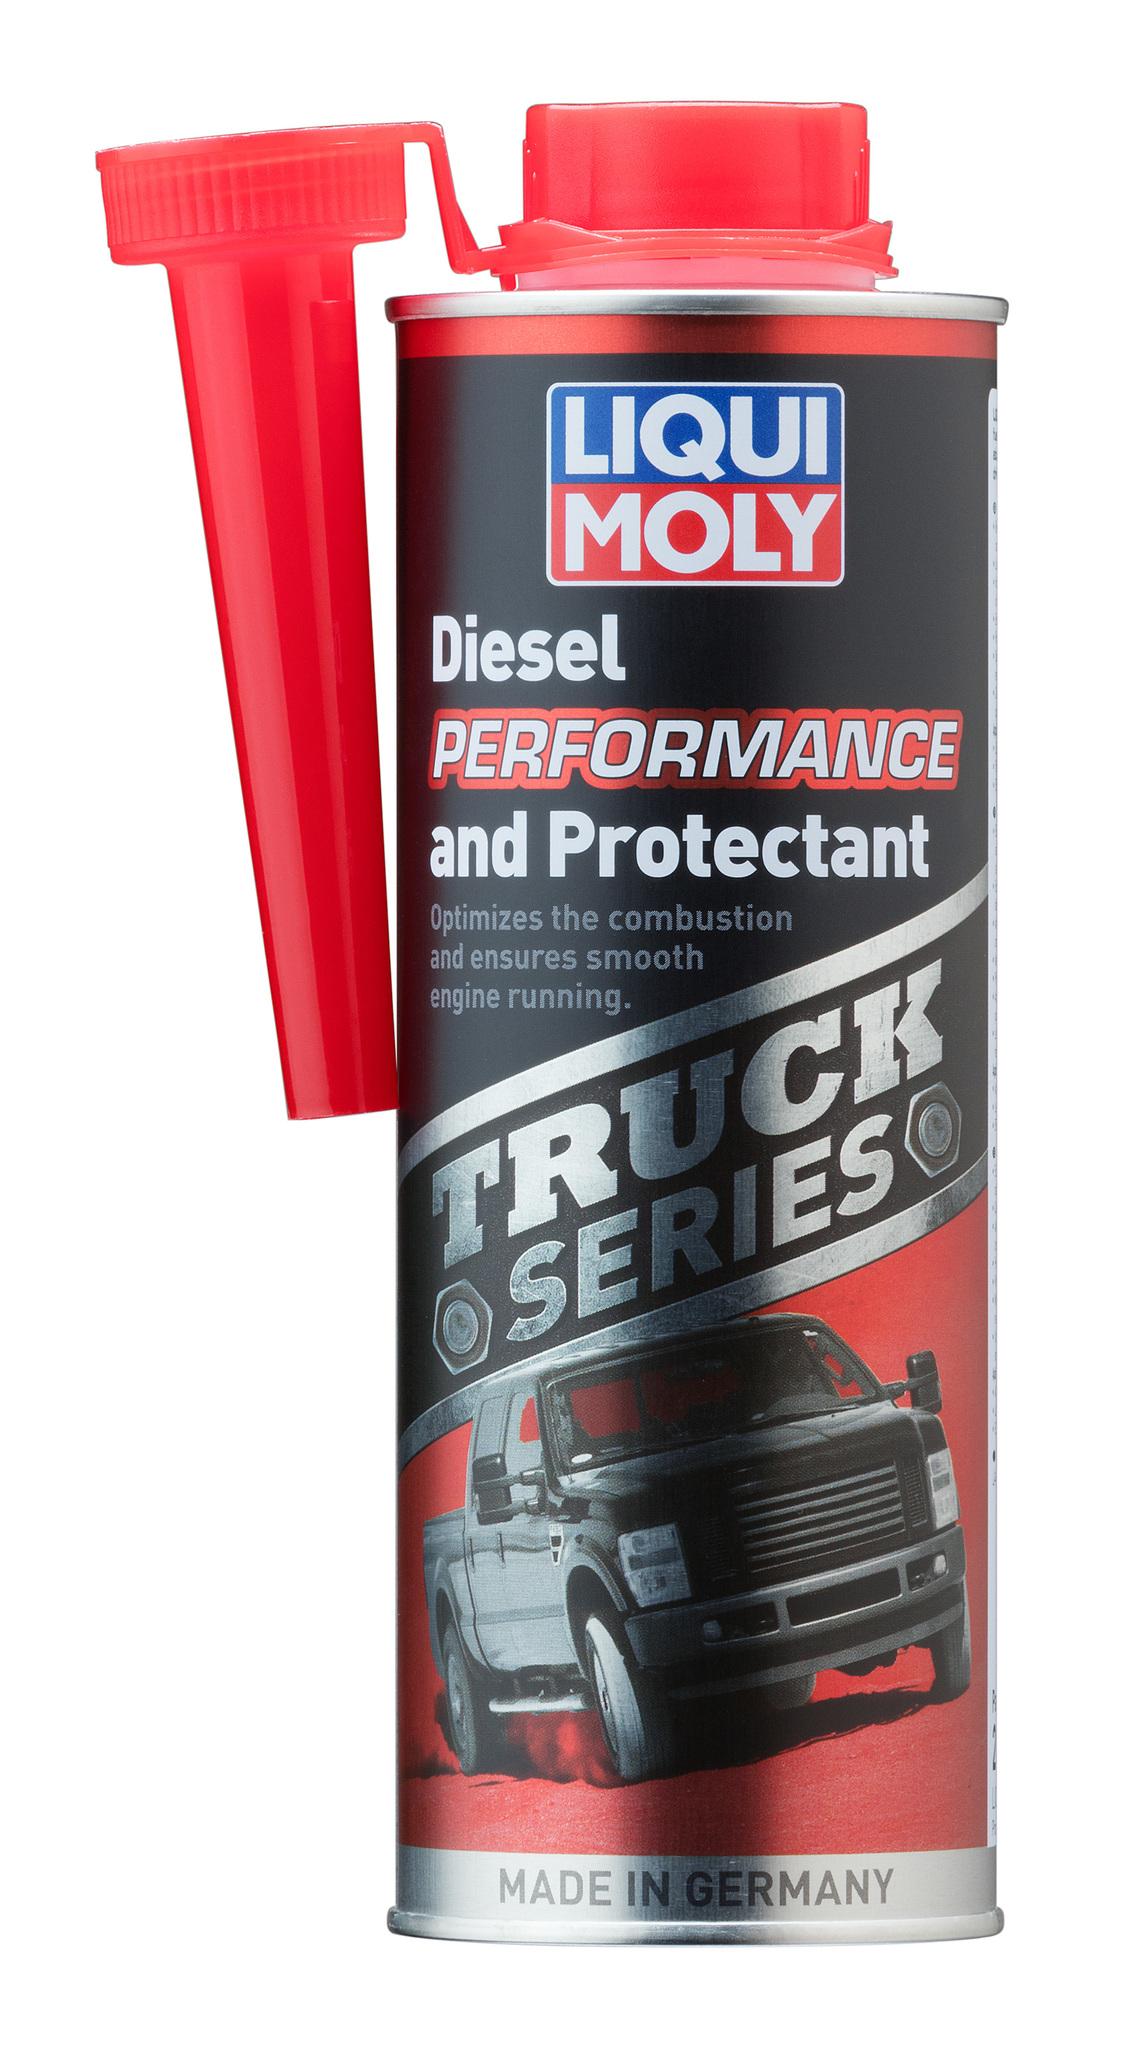 Liqui Moly Truck Series Diesel Performance and Protectant Присадка супер-дизель для тяжелых внедорожников и пикапов